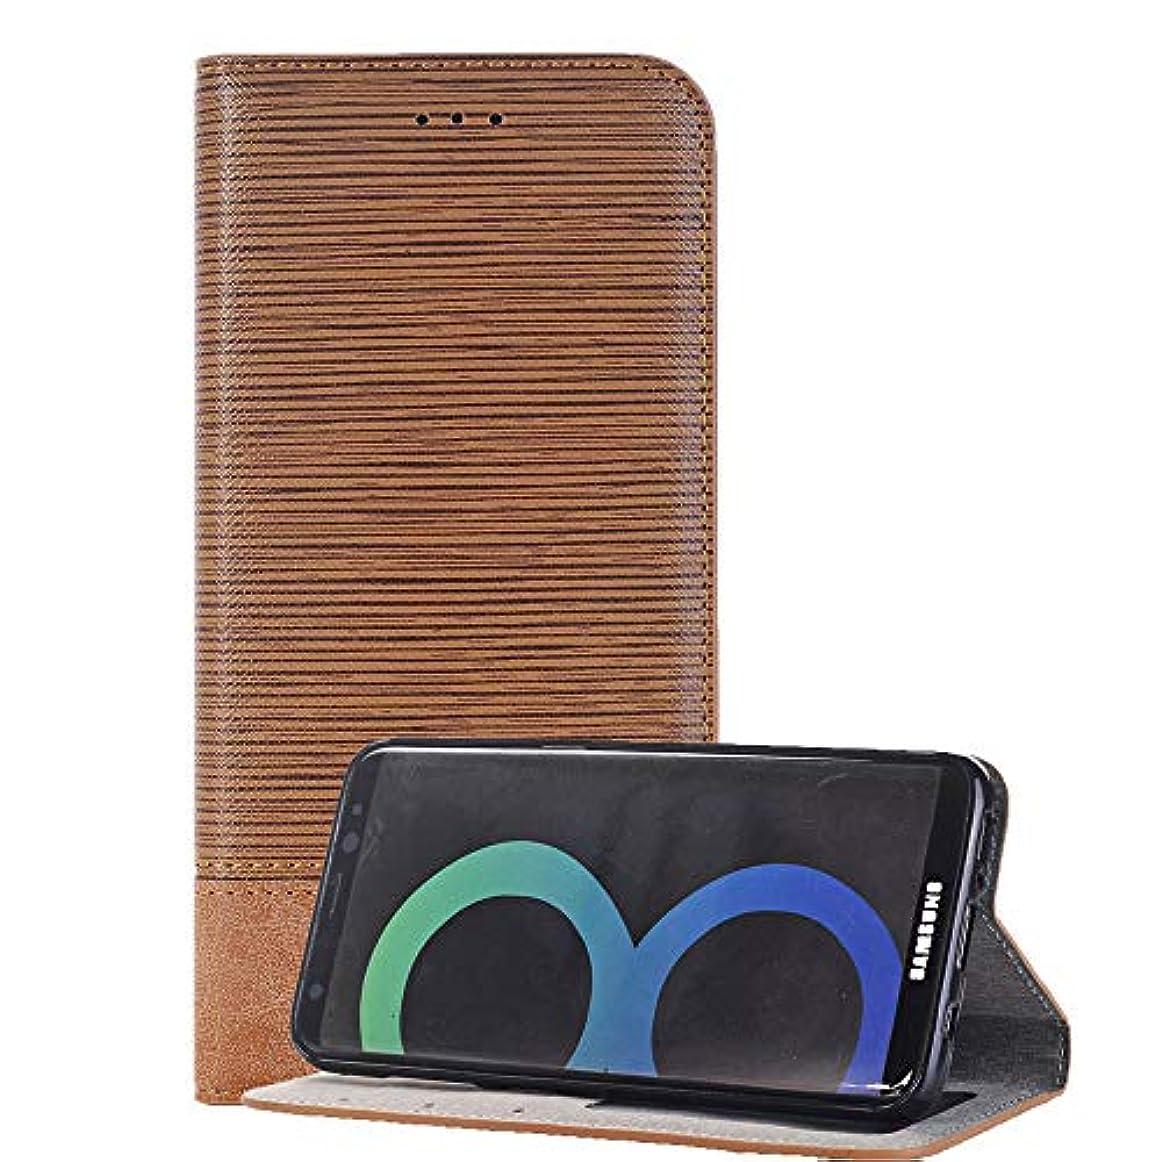 致命的月Samsung Galaxy S8 手帳型 ケース ギャラクシーs8 スマホケース カバー 脱着簡単 カードポケット 高品質 人気 おしゃれ カバー(ライトブラウン)